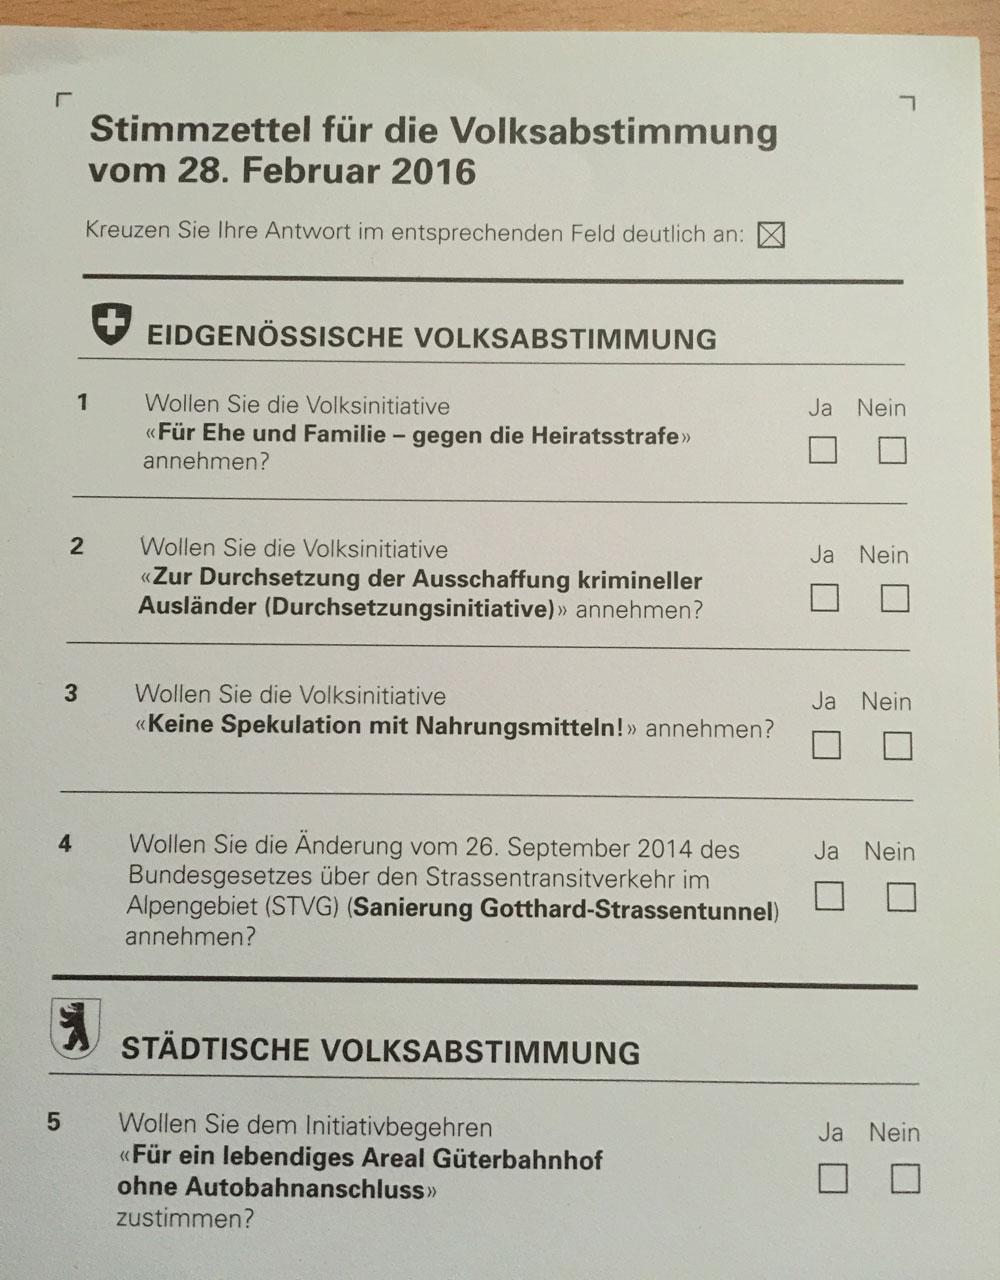 stimmzettel-abstimmung-schweiz-28-februar-2016